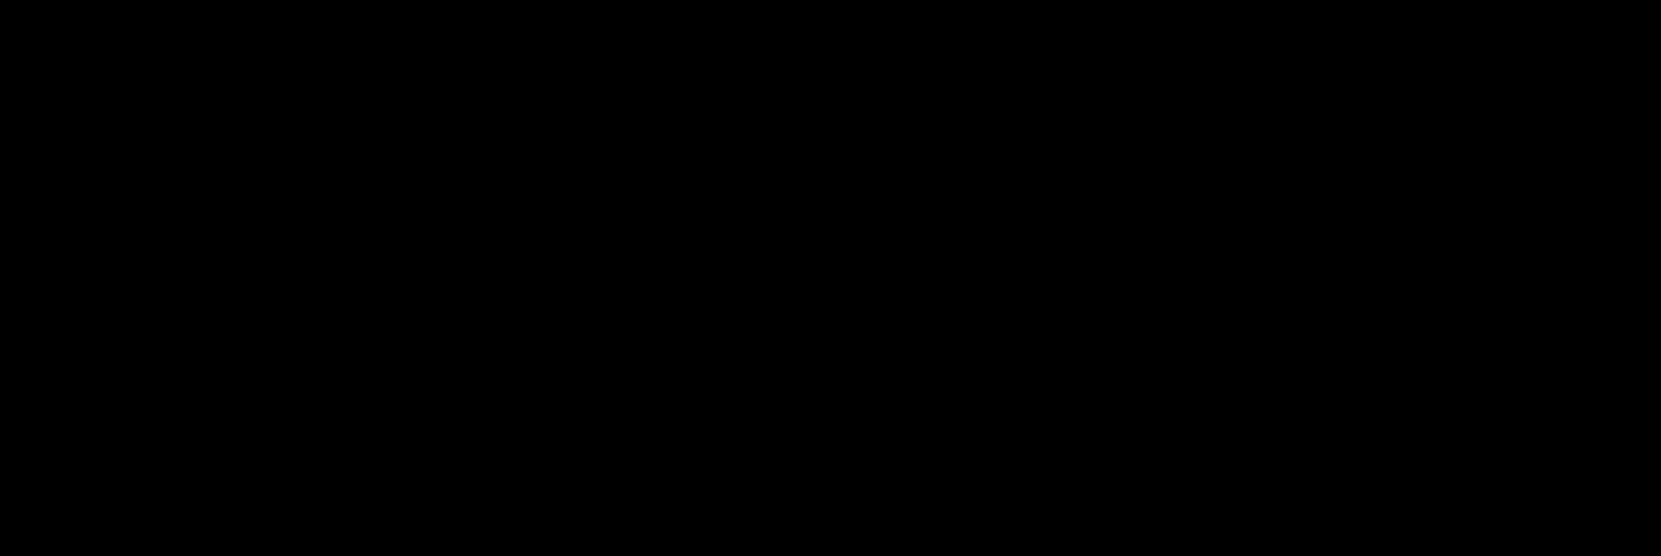 Kronborg-Sort-2.png